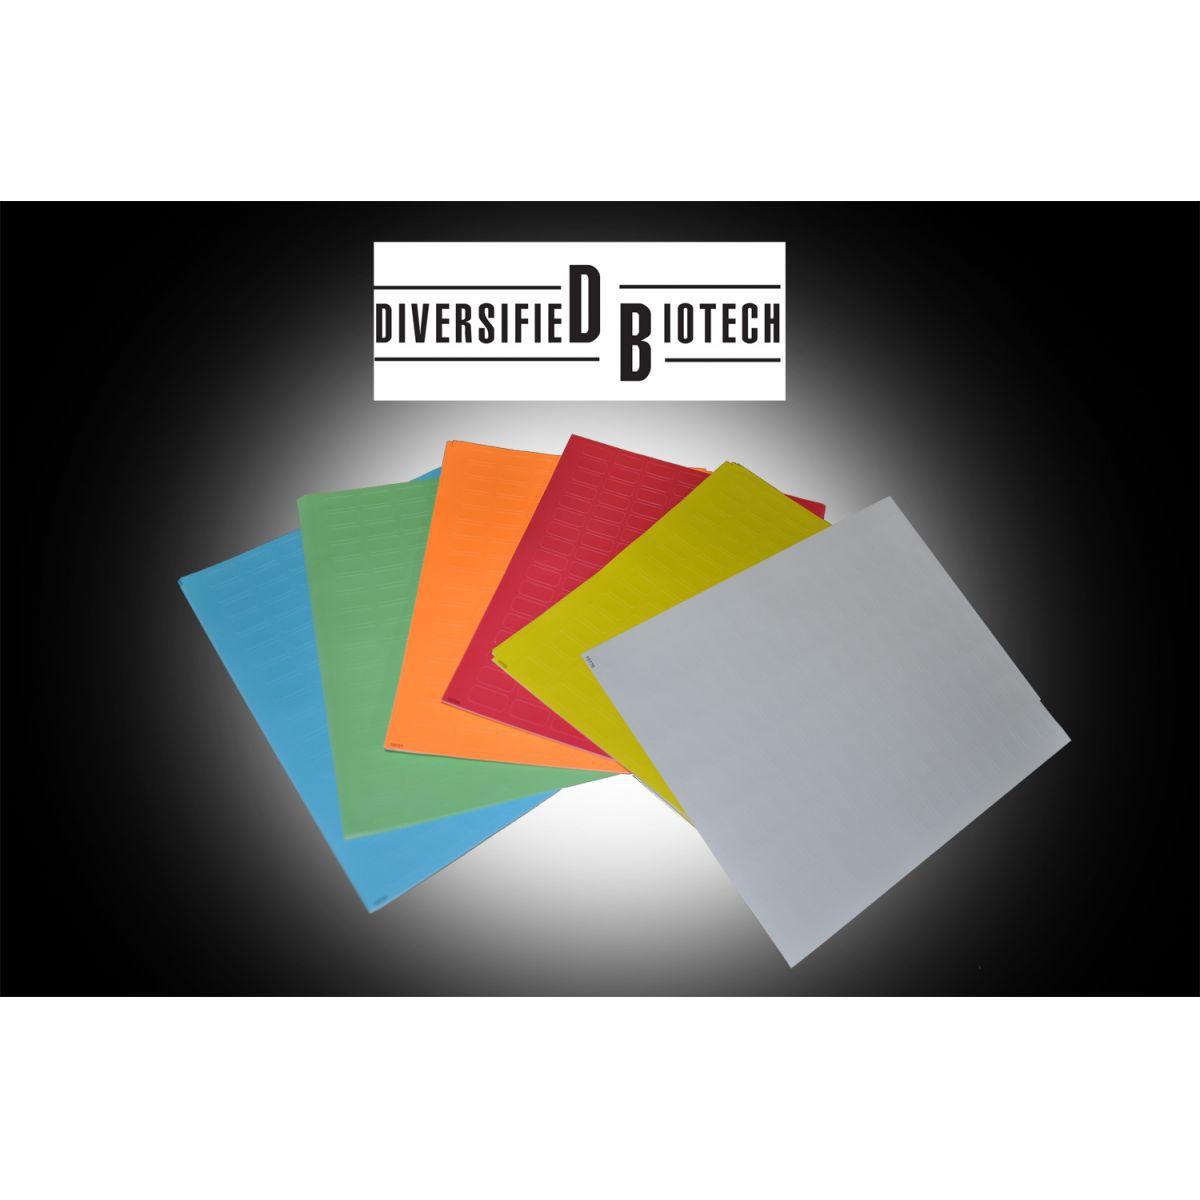 Etiquetas Cores Sortidas para Identificação de Caixas / Racks de Armazenamento, Microplacas, Microtubos, Lâminas de microscopia e Tubos Criogênicos.